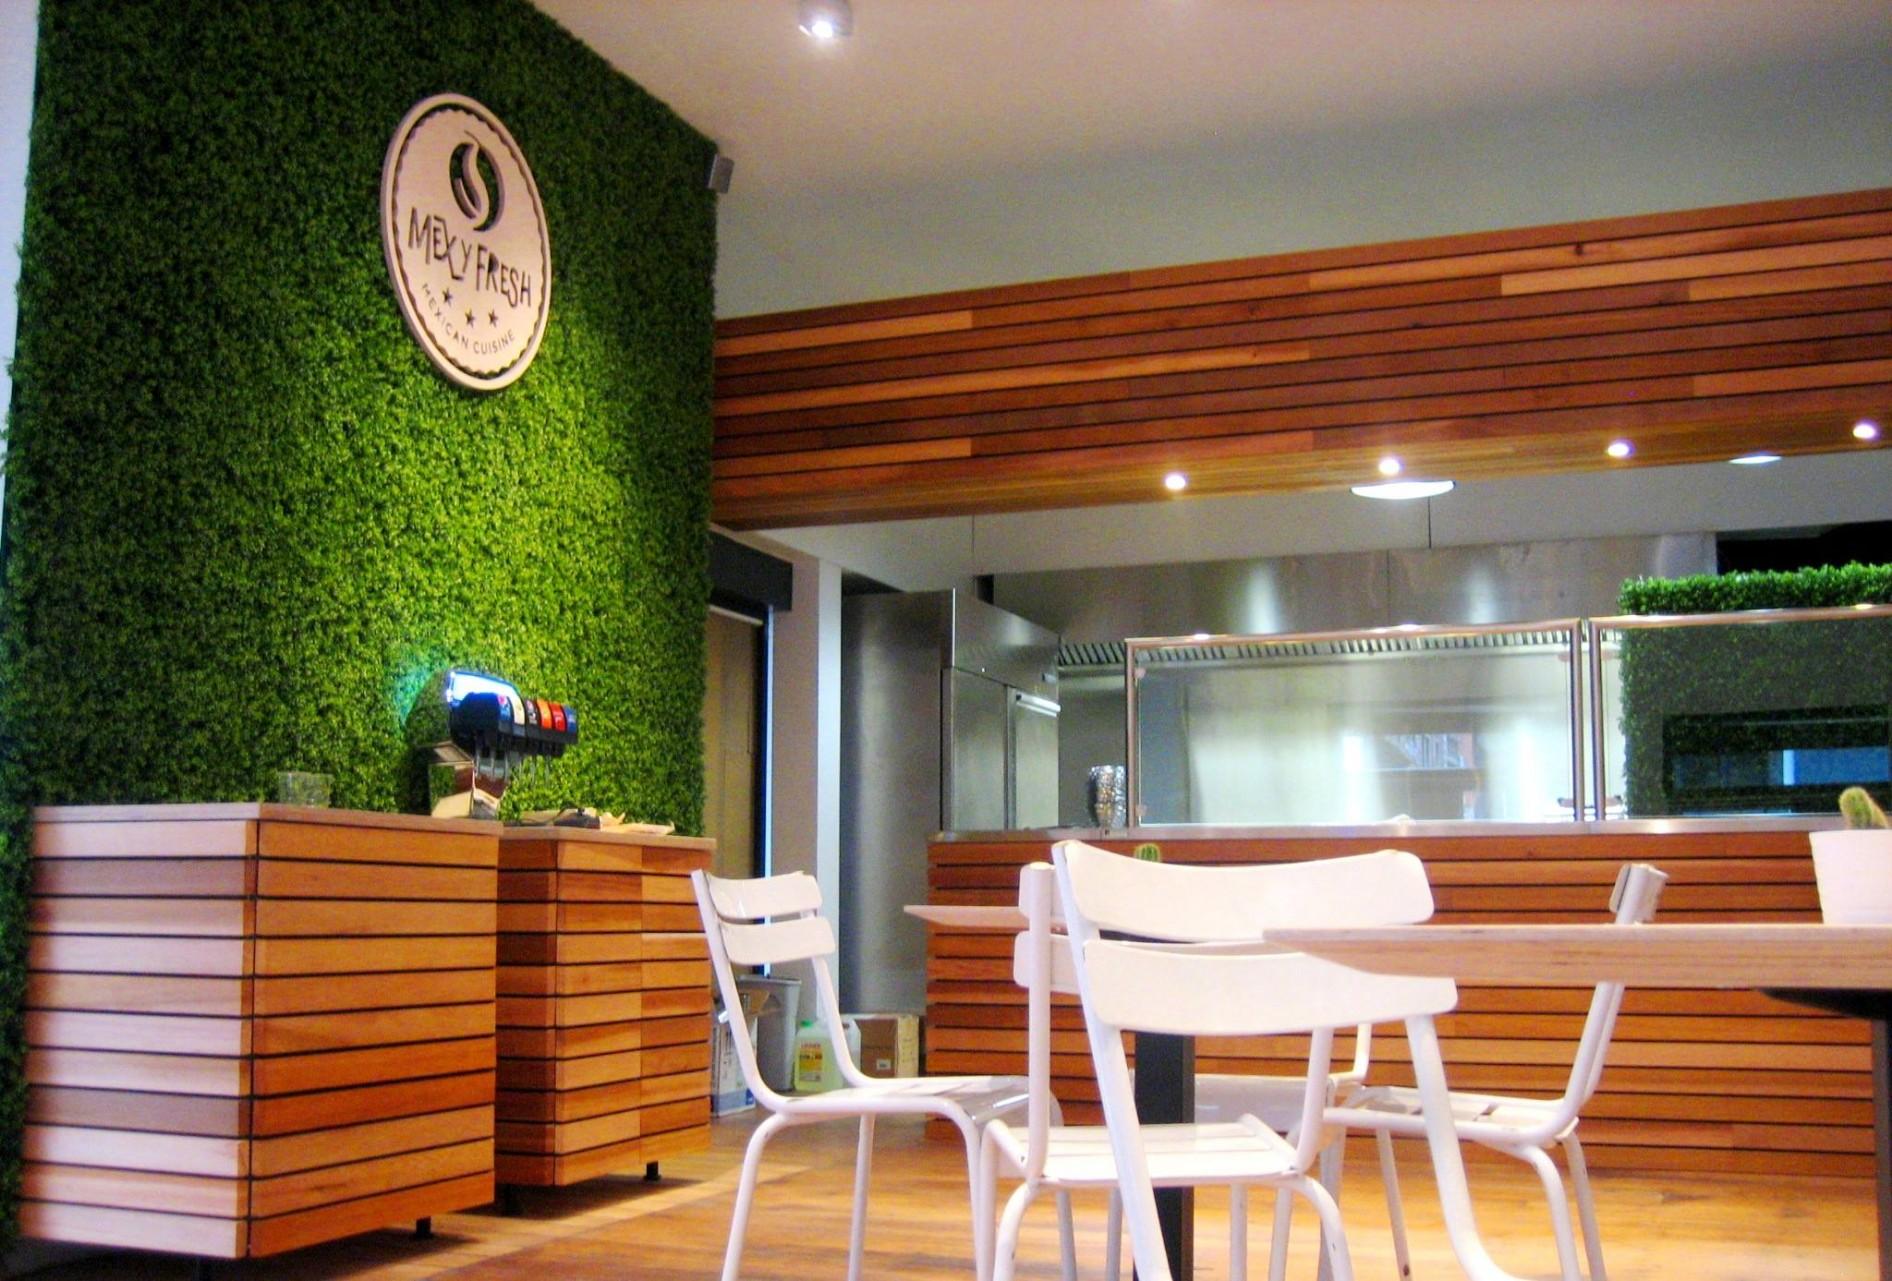 Onze meest recente keuken in Luik, we presenteren u: Mex Y Fresh !  Bij Mex Y Fresh...